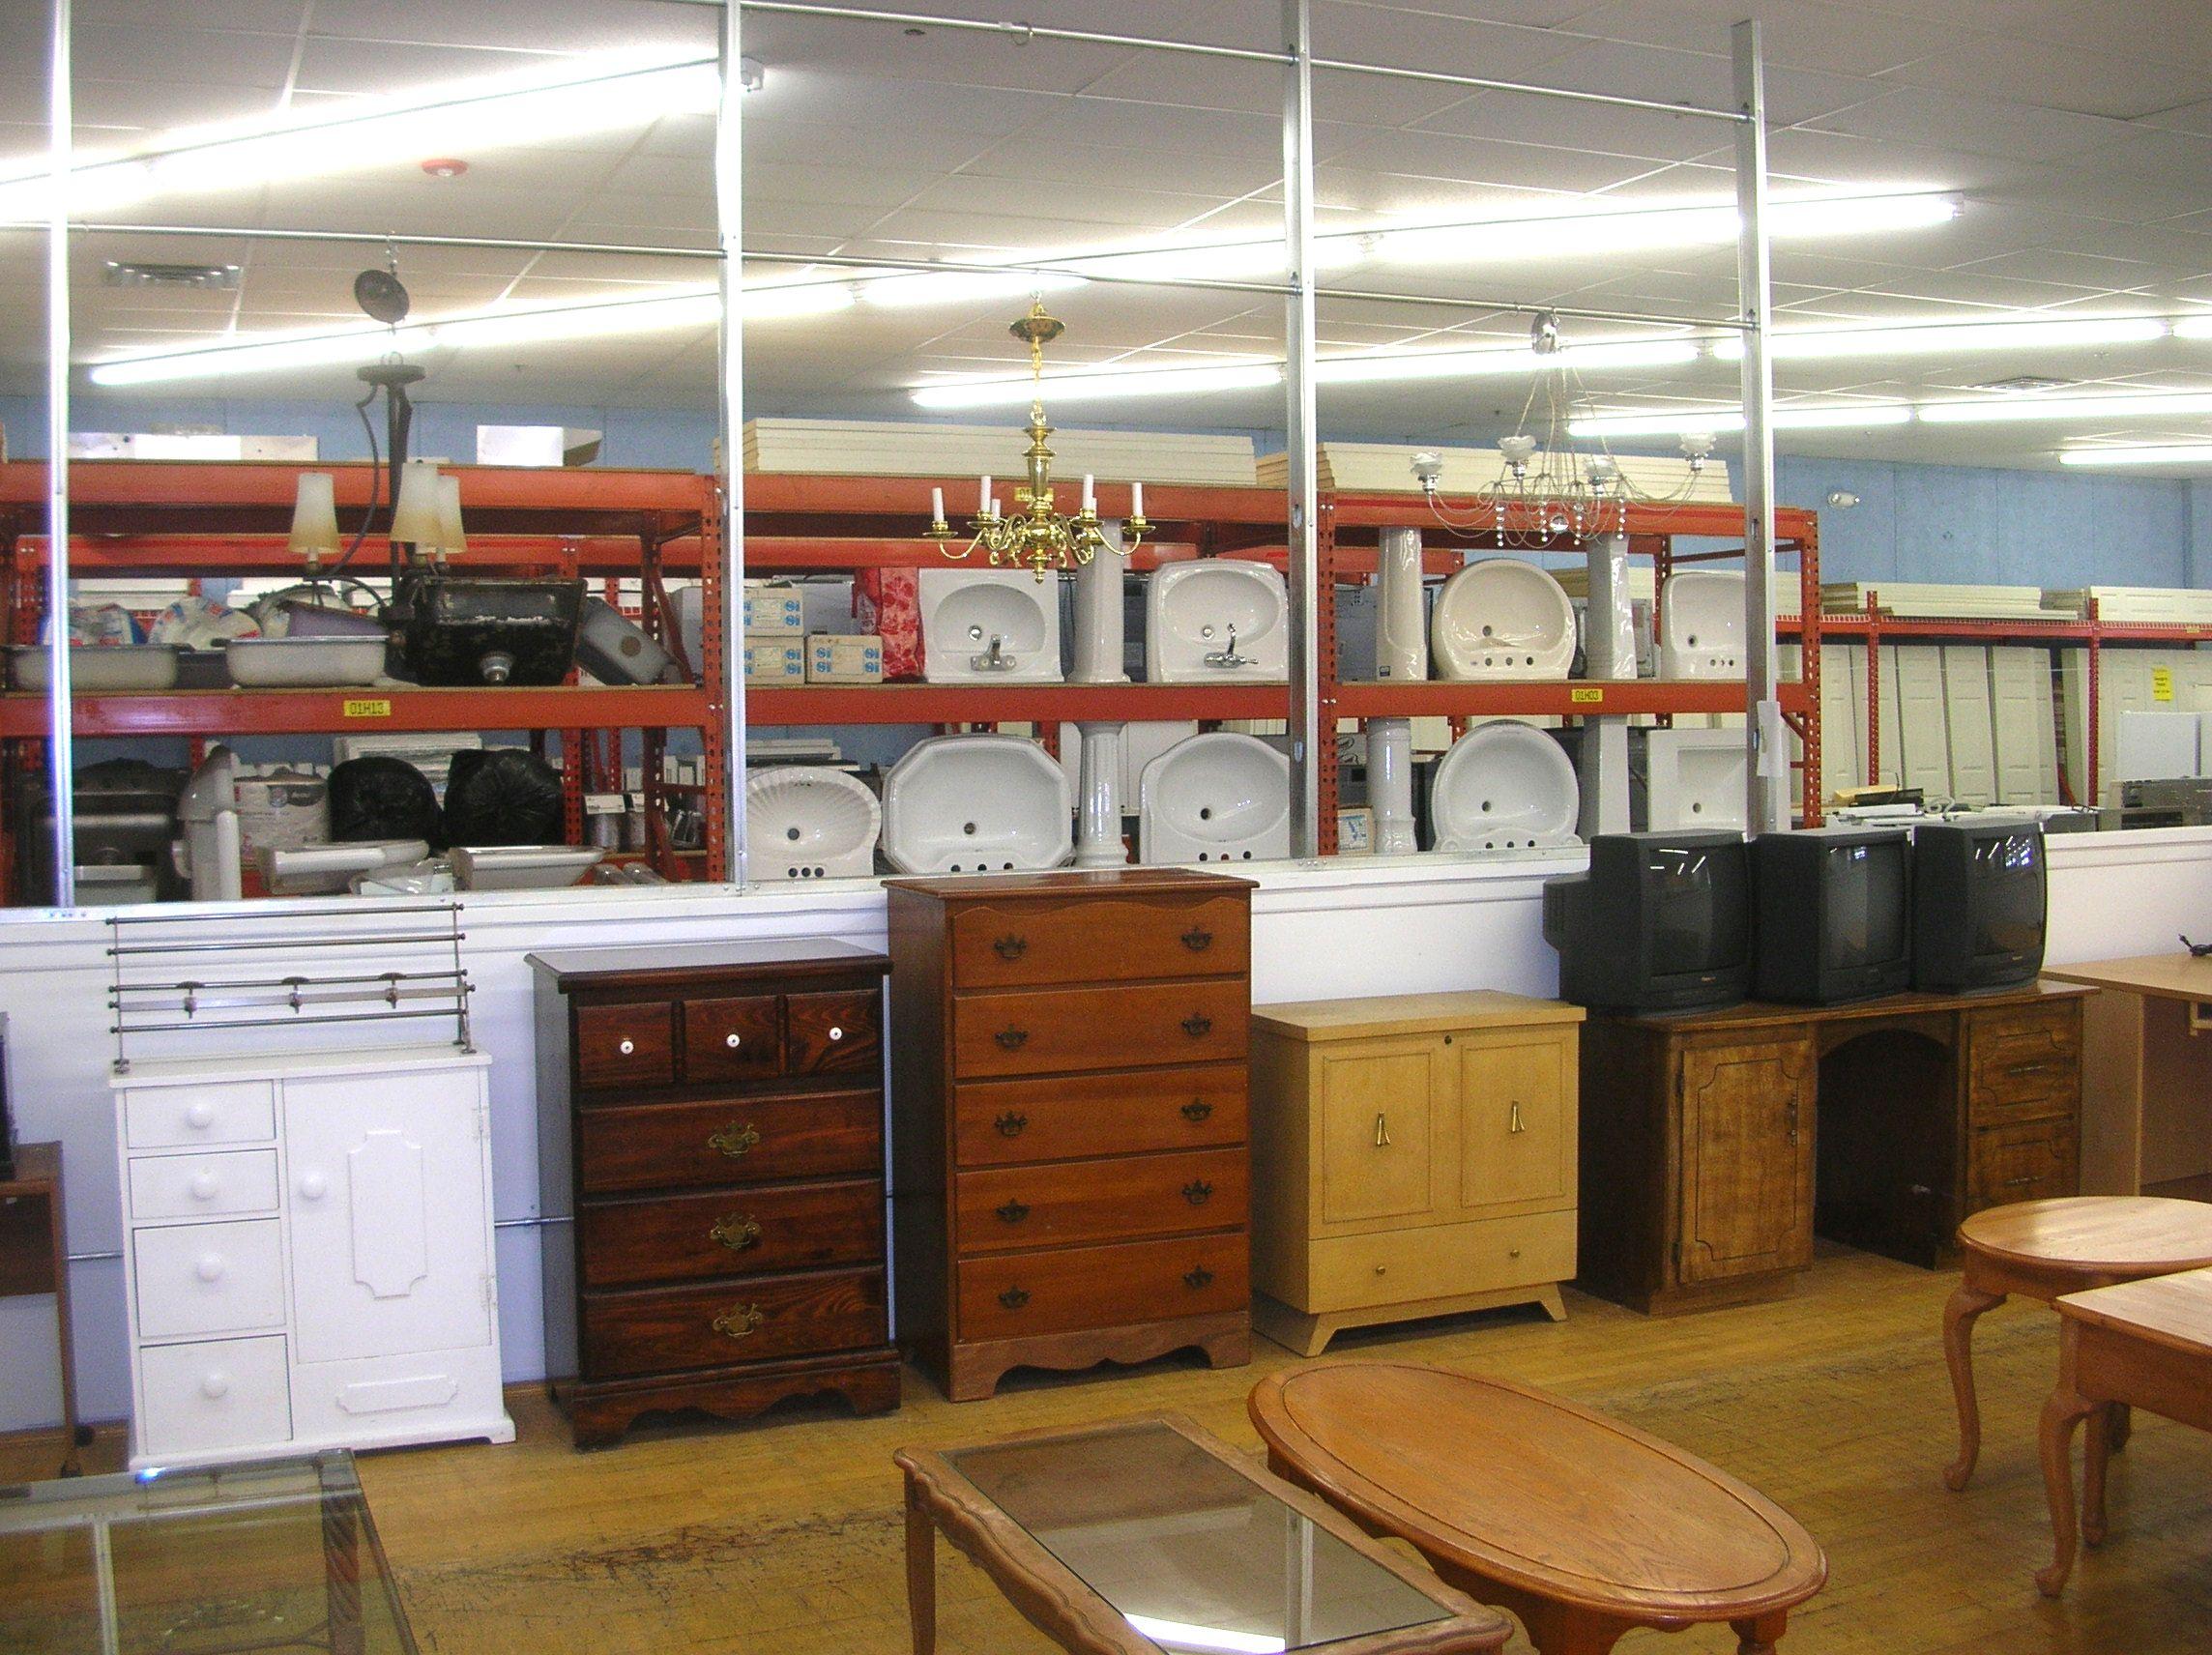 Restore Donate Kitchen Cabinets For Sale Kitchen Cabinets New Kitchen Cabinets